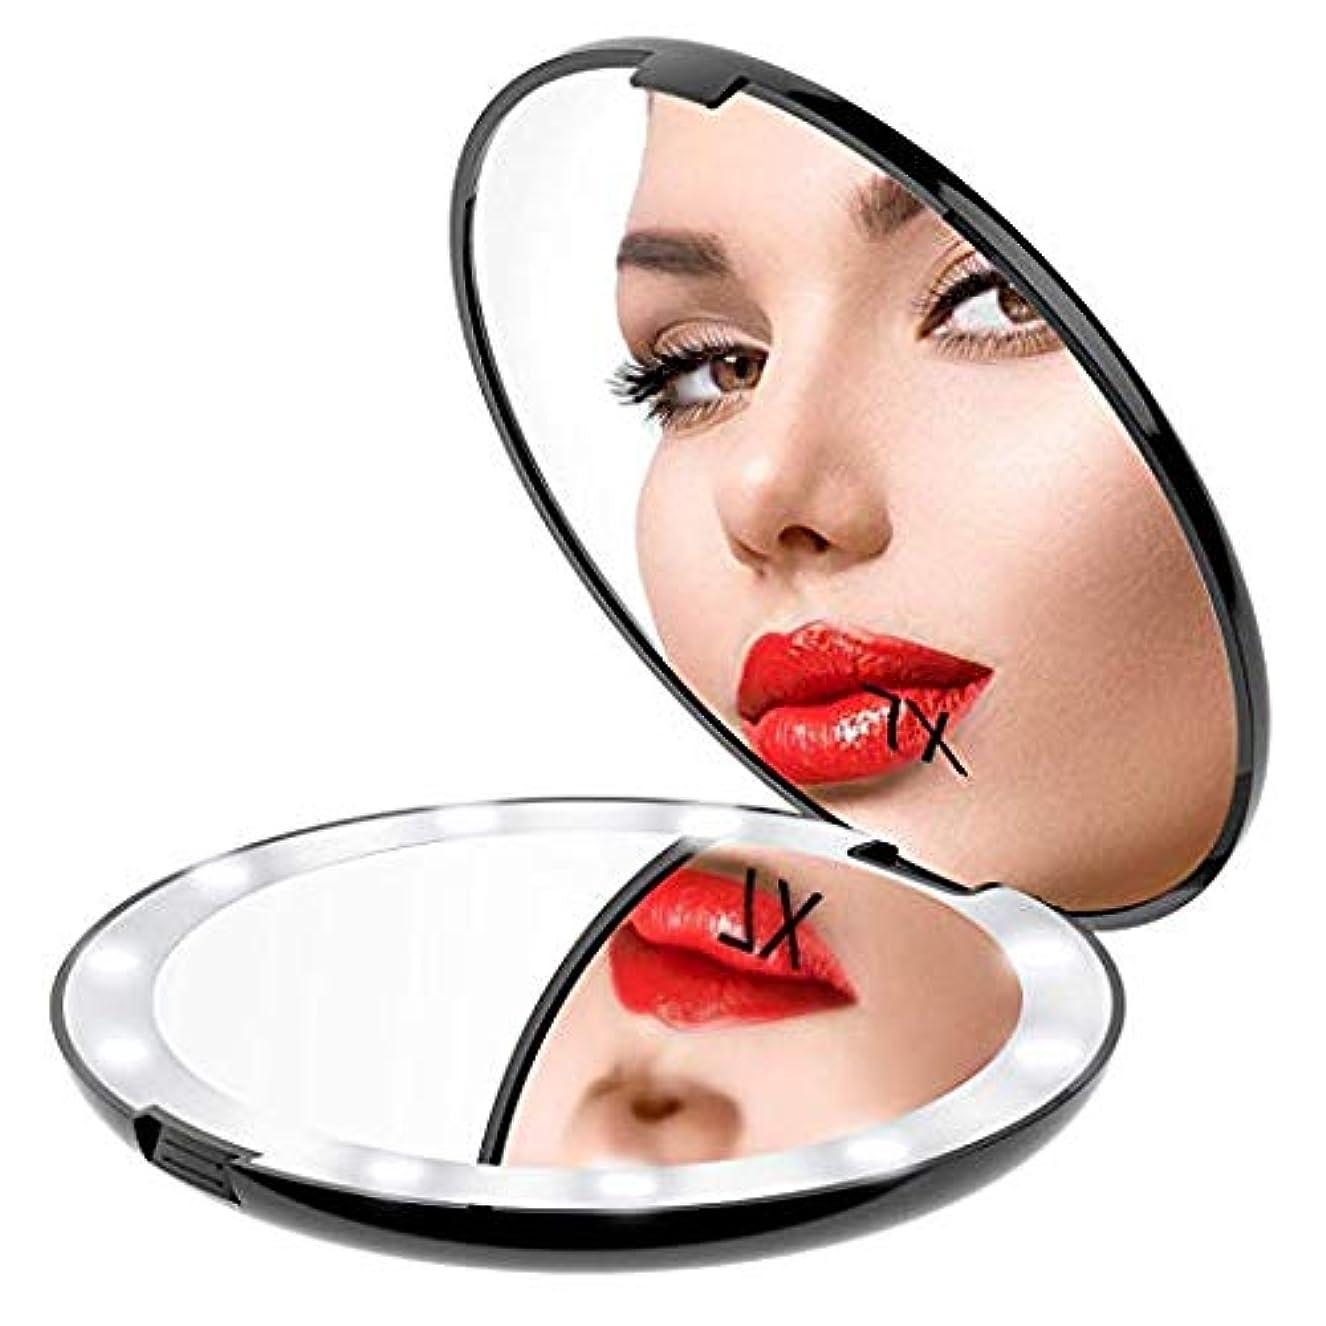 ファイバボウリング悲しみGospire 化粧鏡 7倍拡大鏡 携帯ミラー 化粧ミラー LEDライト 手鏡 折りたたみ式 コンパクト 角度調整可 (ブラック)